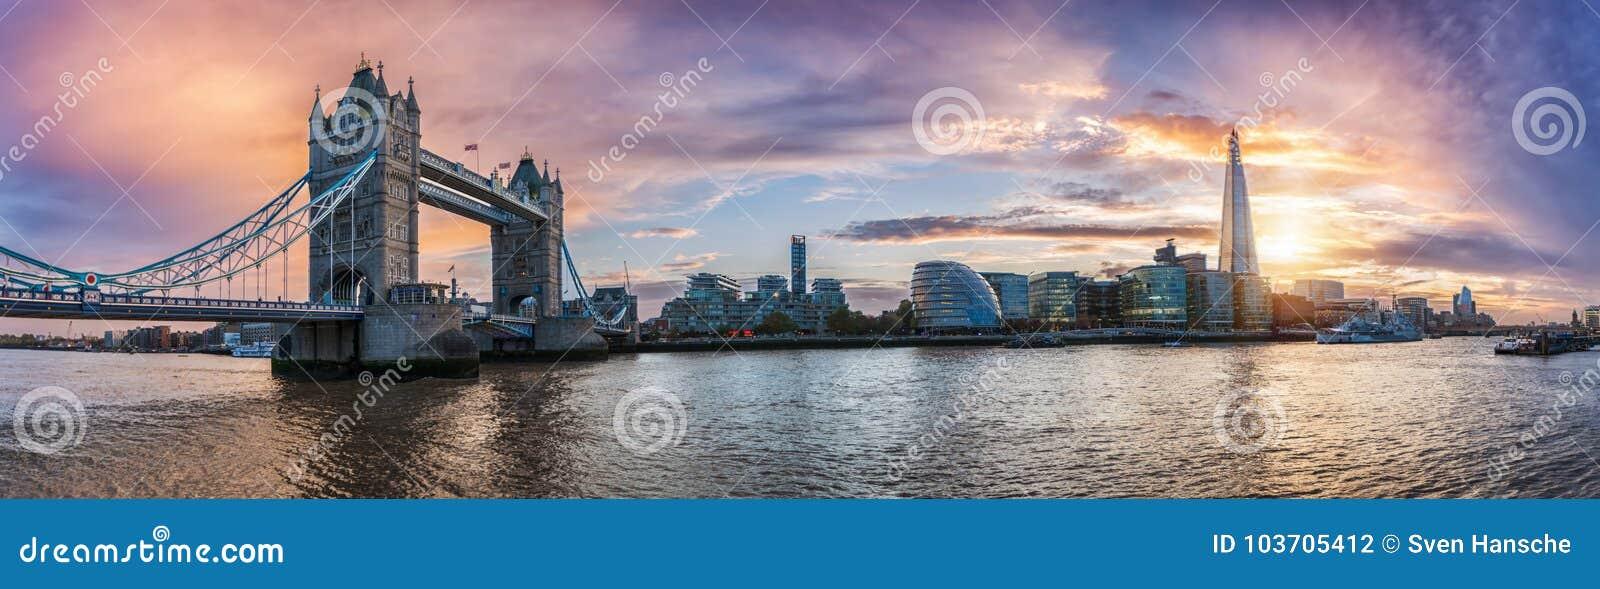 Panorama von der Turm-Brücke zum Tower von London